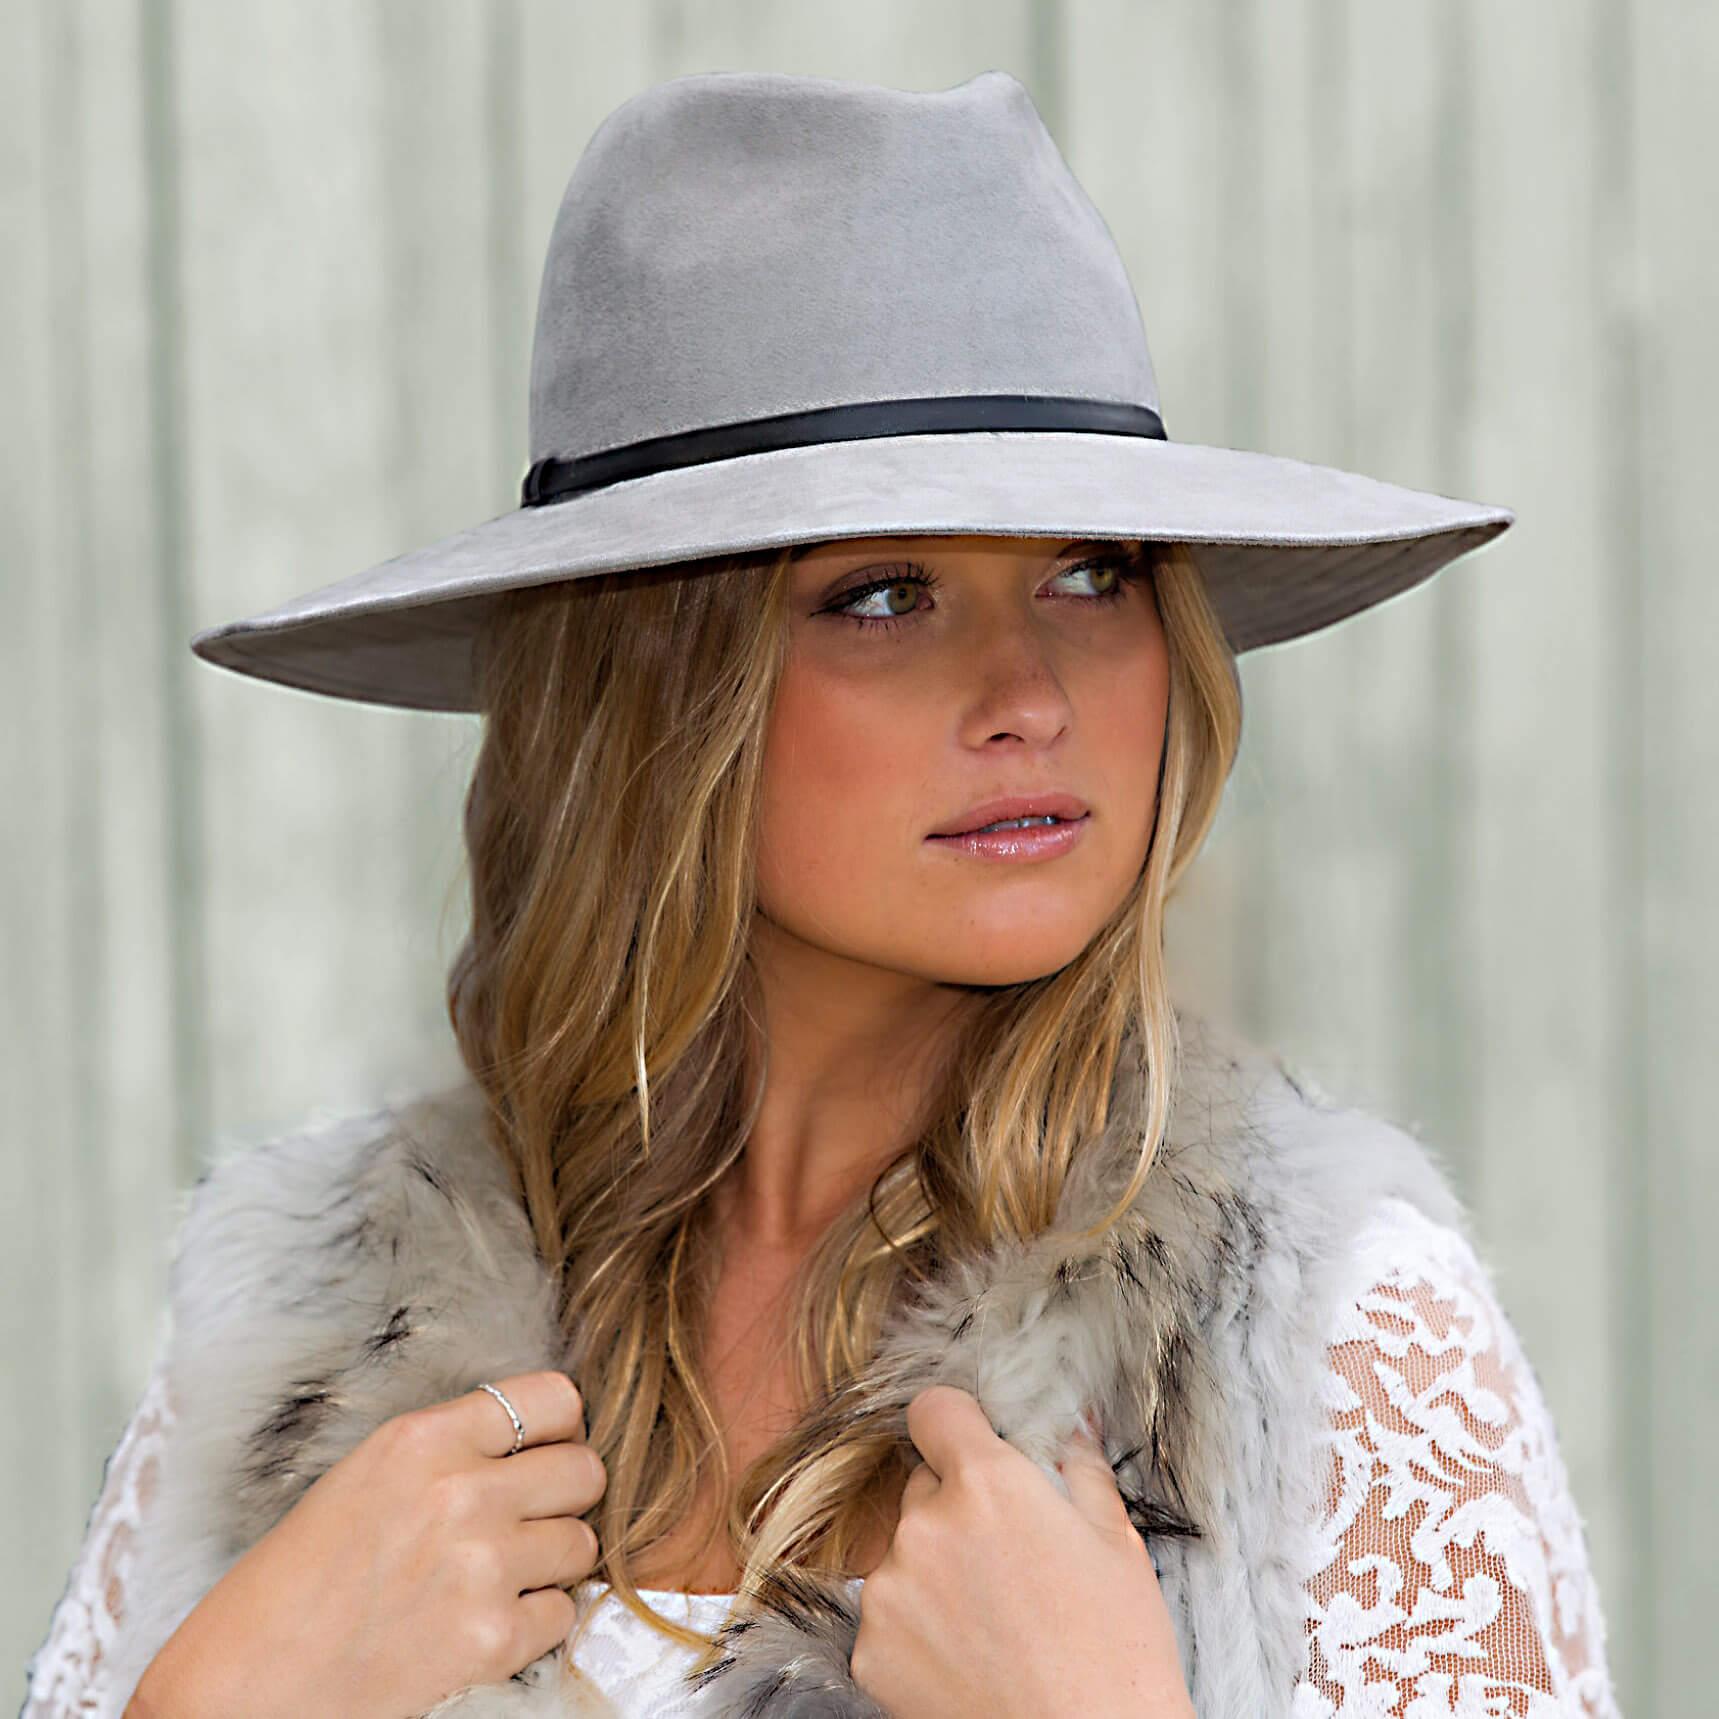 Celeste woman hat. Spot washable.